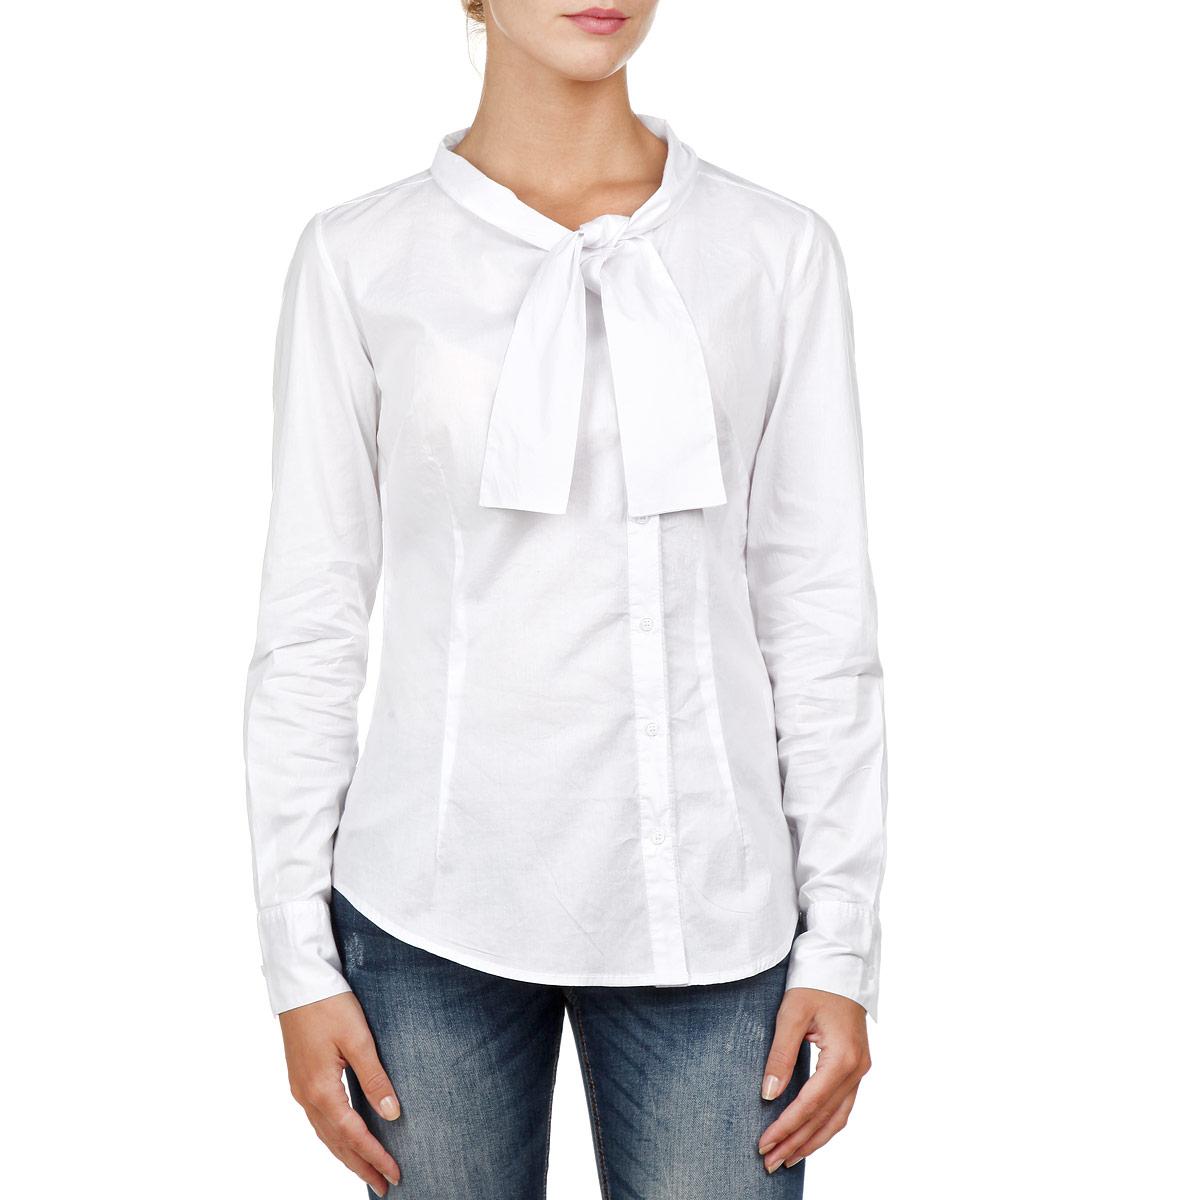 Рубашка17280/DNСтильная женская рубашка F5, выполненная из высококачественного хлопкового материала, - находка для современной женщины, желающей выглядеть стильно и модно. Модель прямого кроя с длинными рукавами и полукруглым низом застегивается на пуговицы. Круглый вырез горловины оформлен оригинальными завязками. Такая модель, несомненно, вам понравится и послужит отличным дополнением к вашему гардеробу.